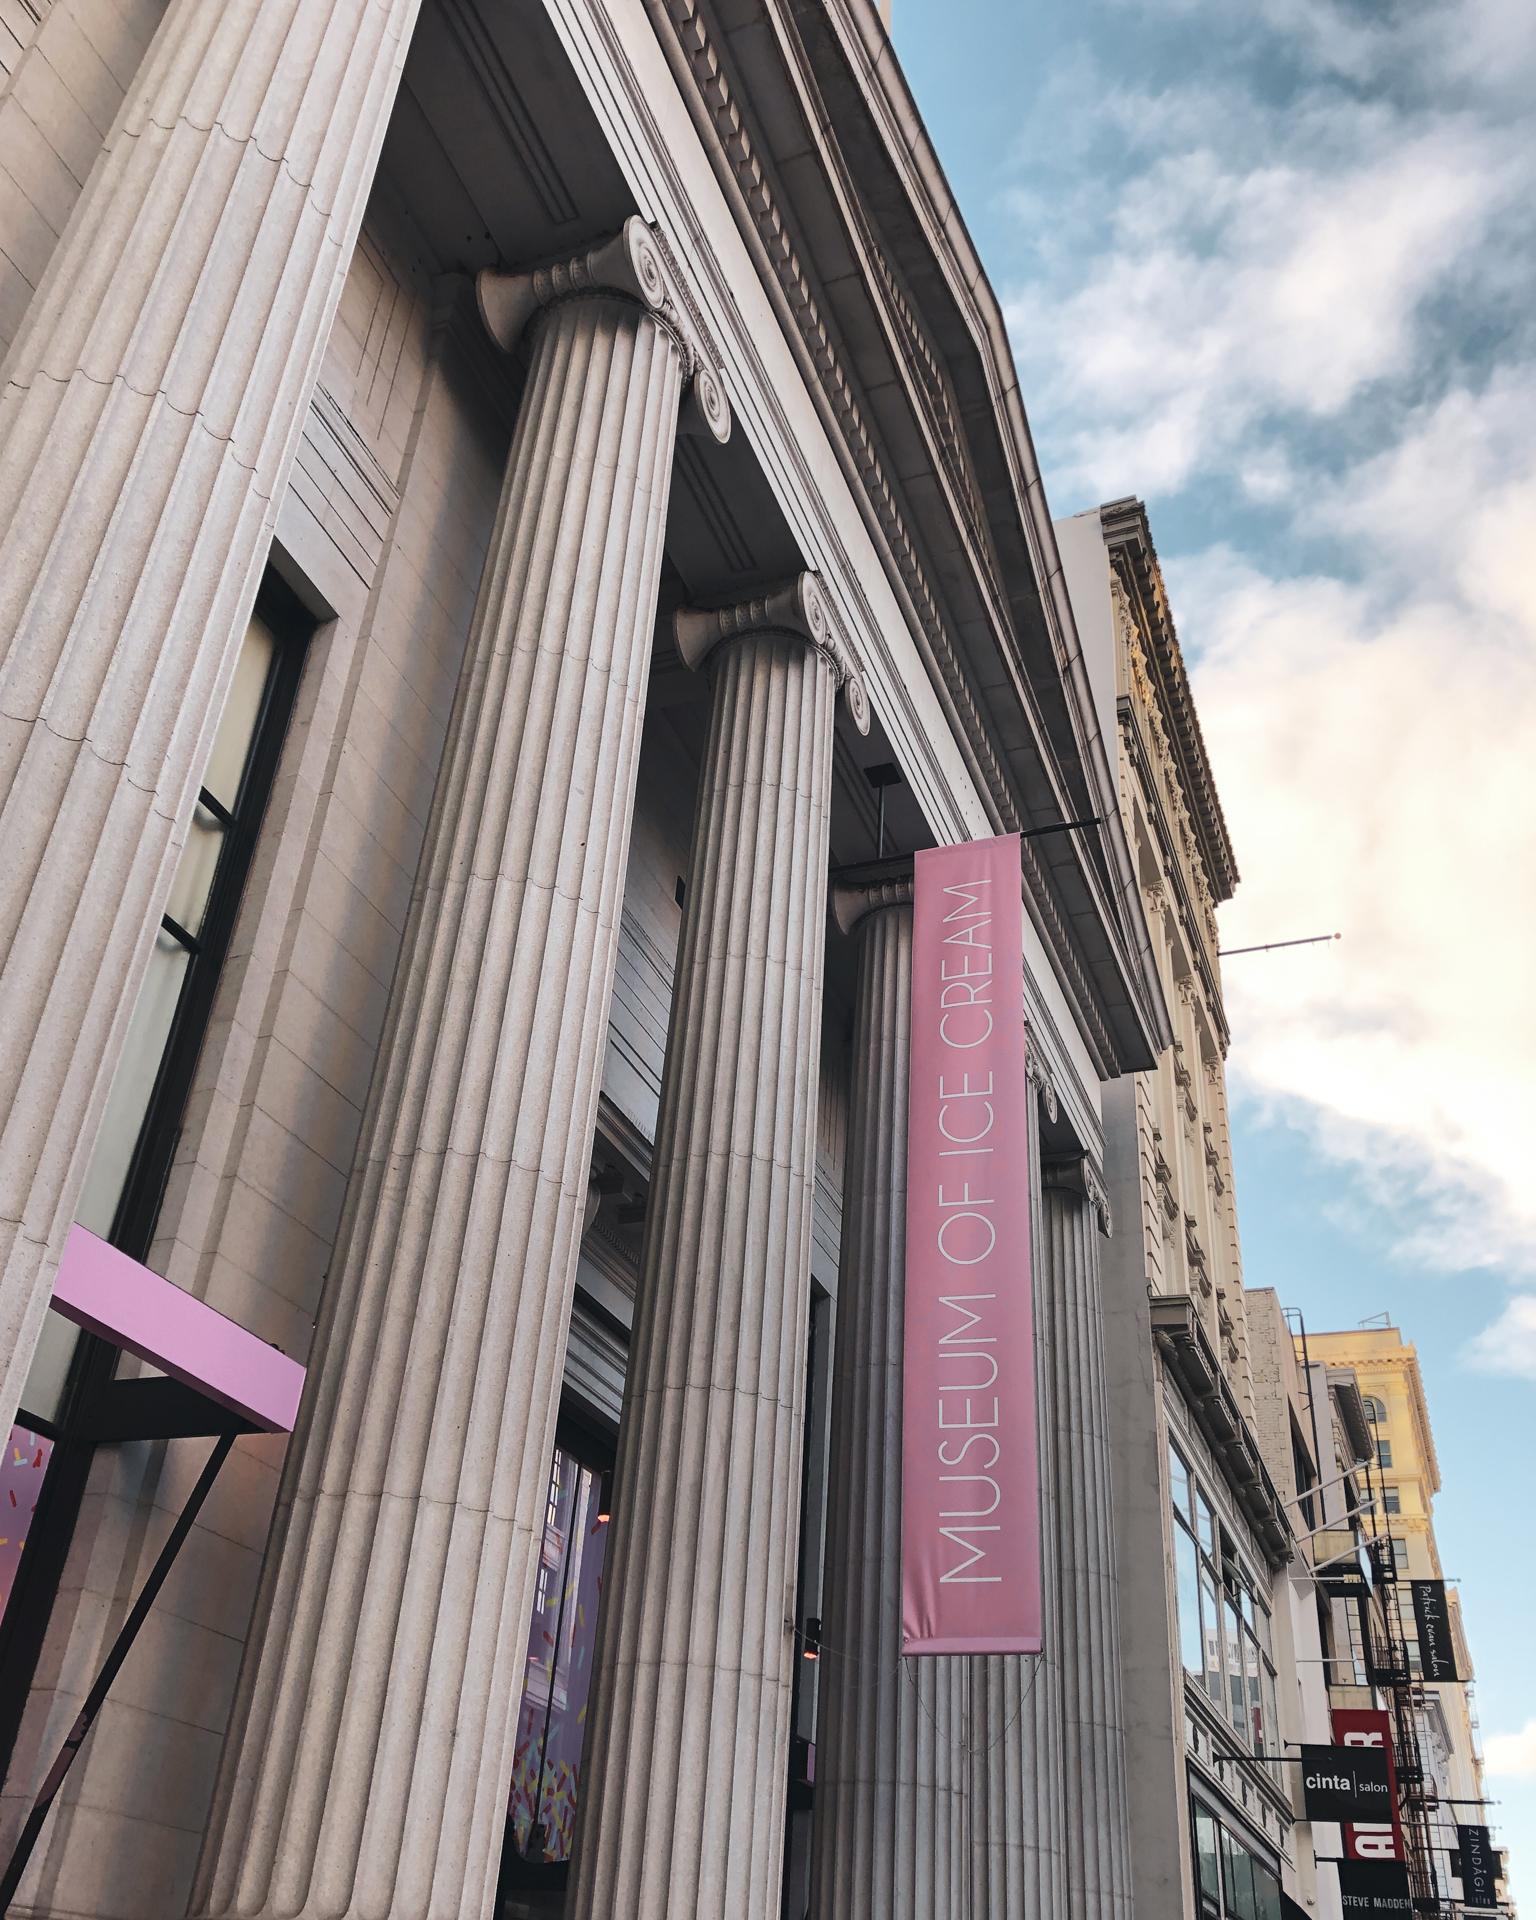 San Francisco Museum of Ice Cream Exterior